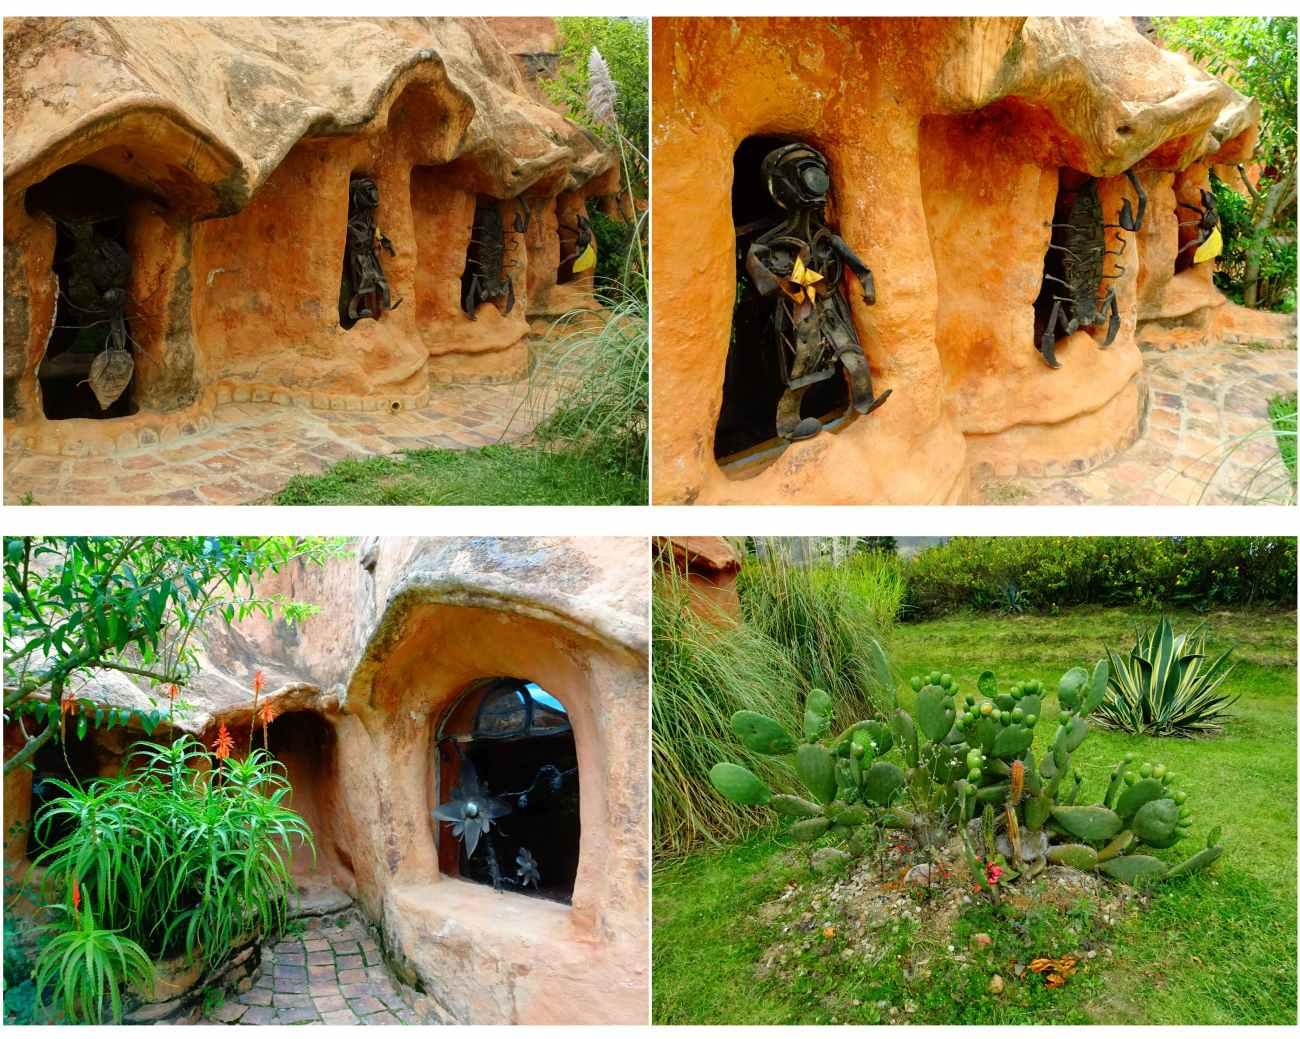 Casa terracotta fenetres